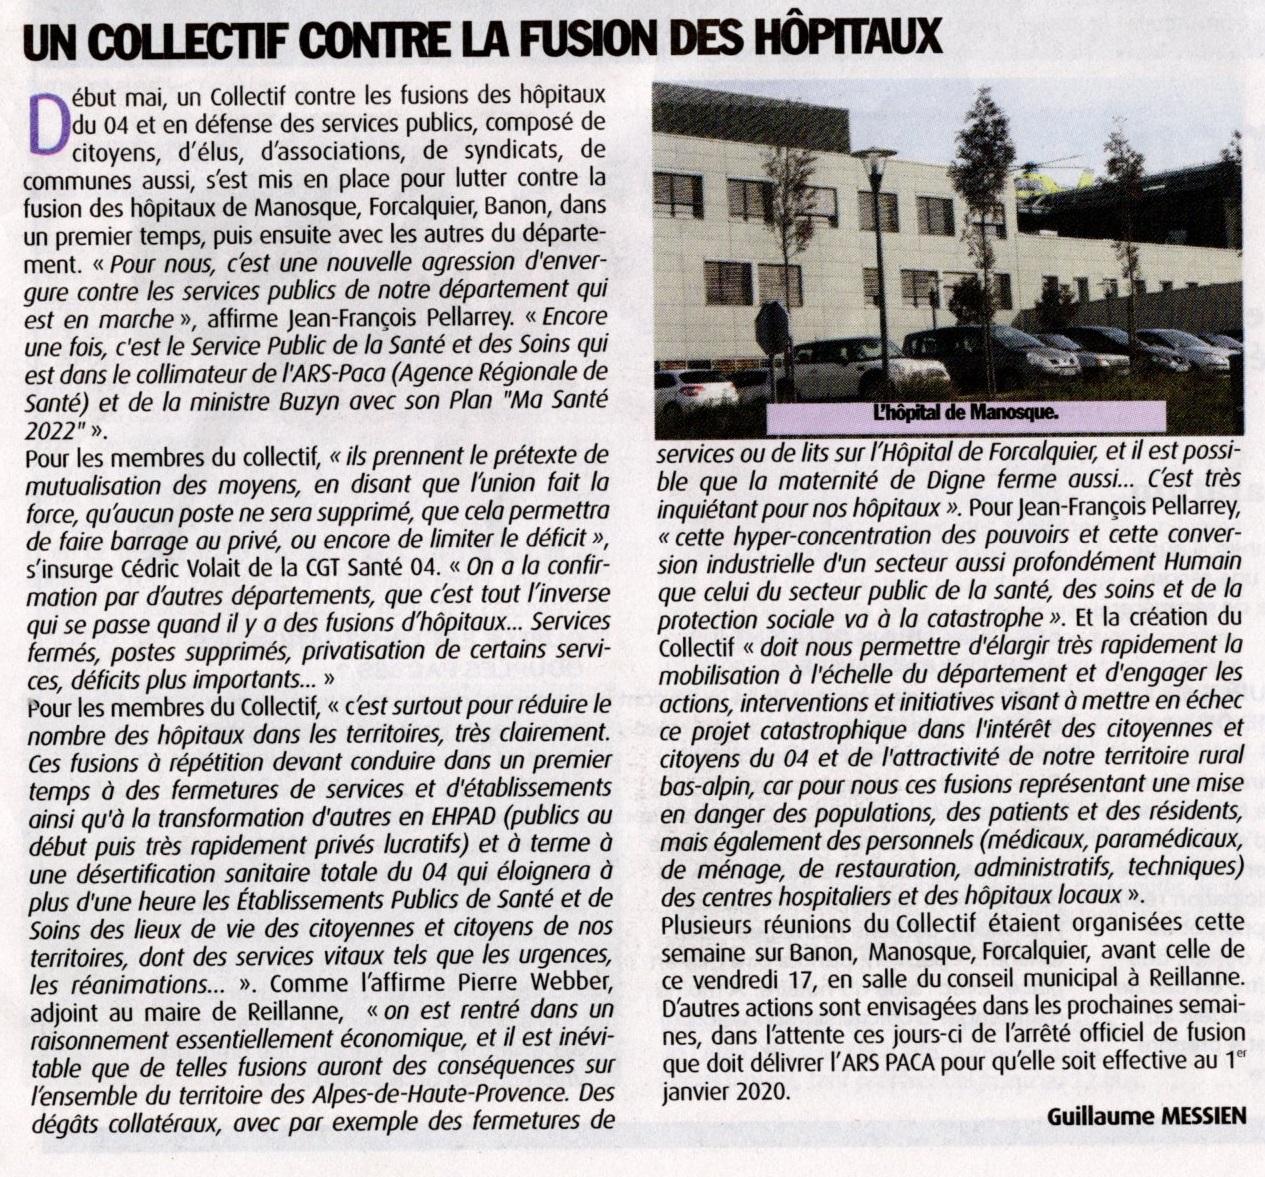 Article collectif contre les fusions d'hôpitaux